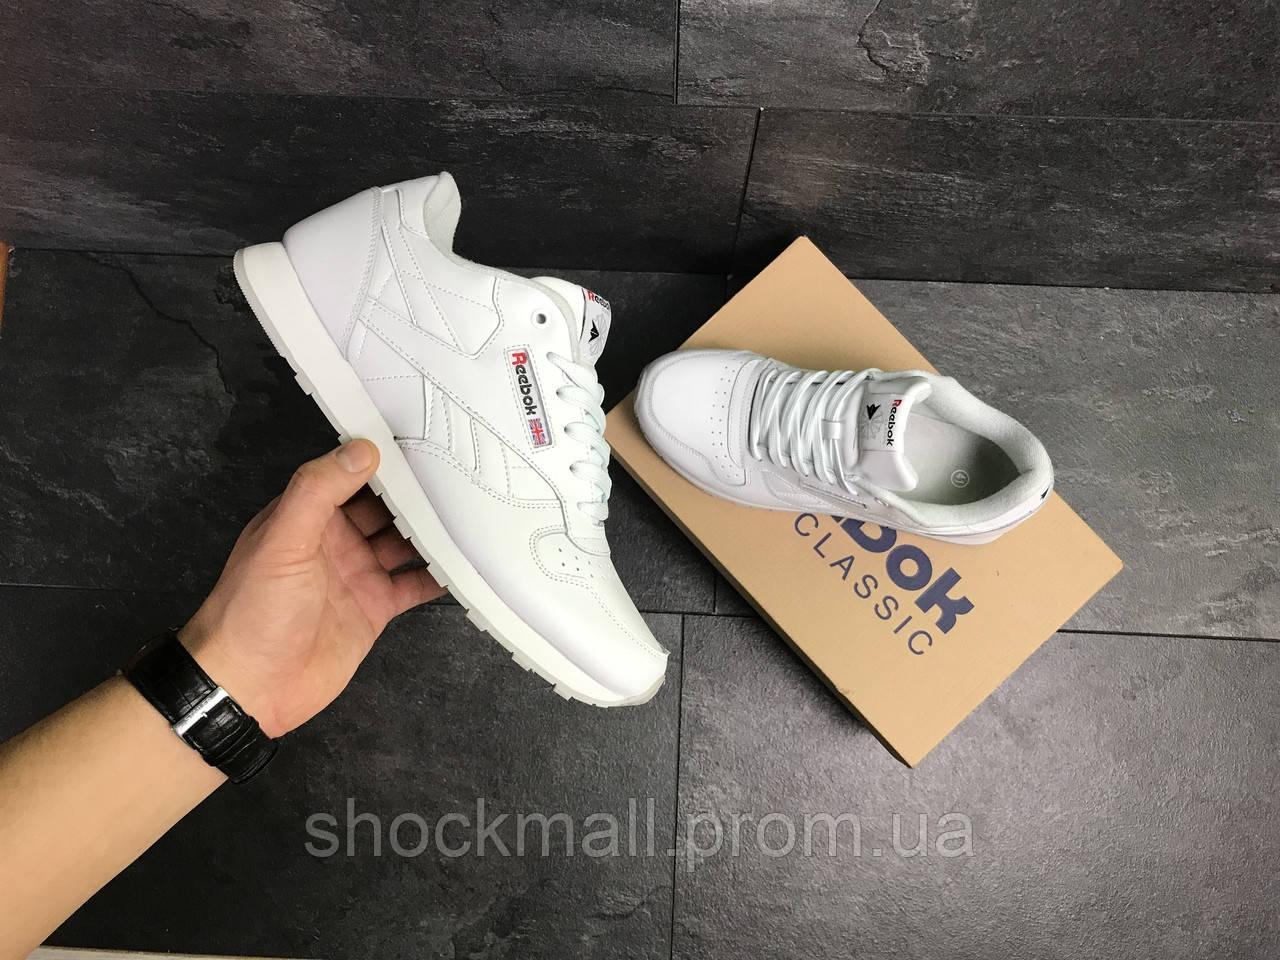 ... Белые кроссовки Reebok Classic мужские кожаные Вьетнам реплика af78ab494292f